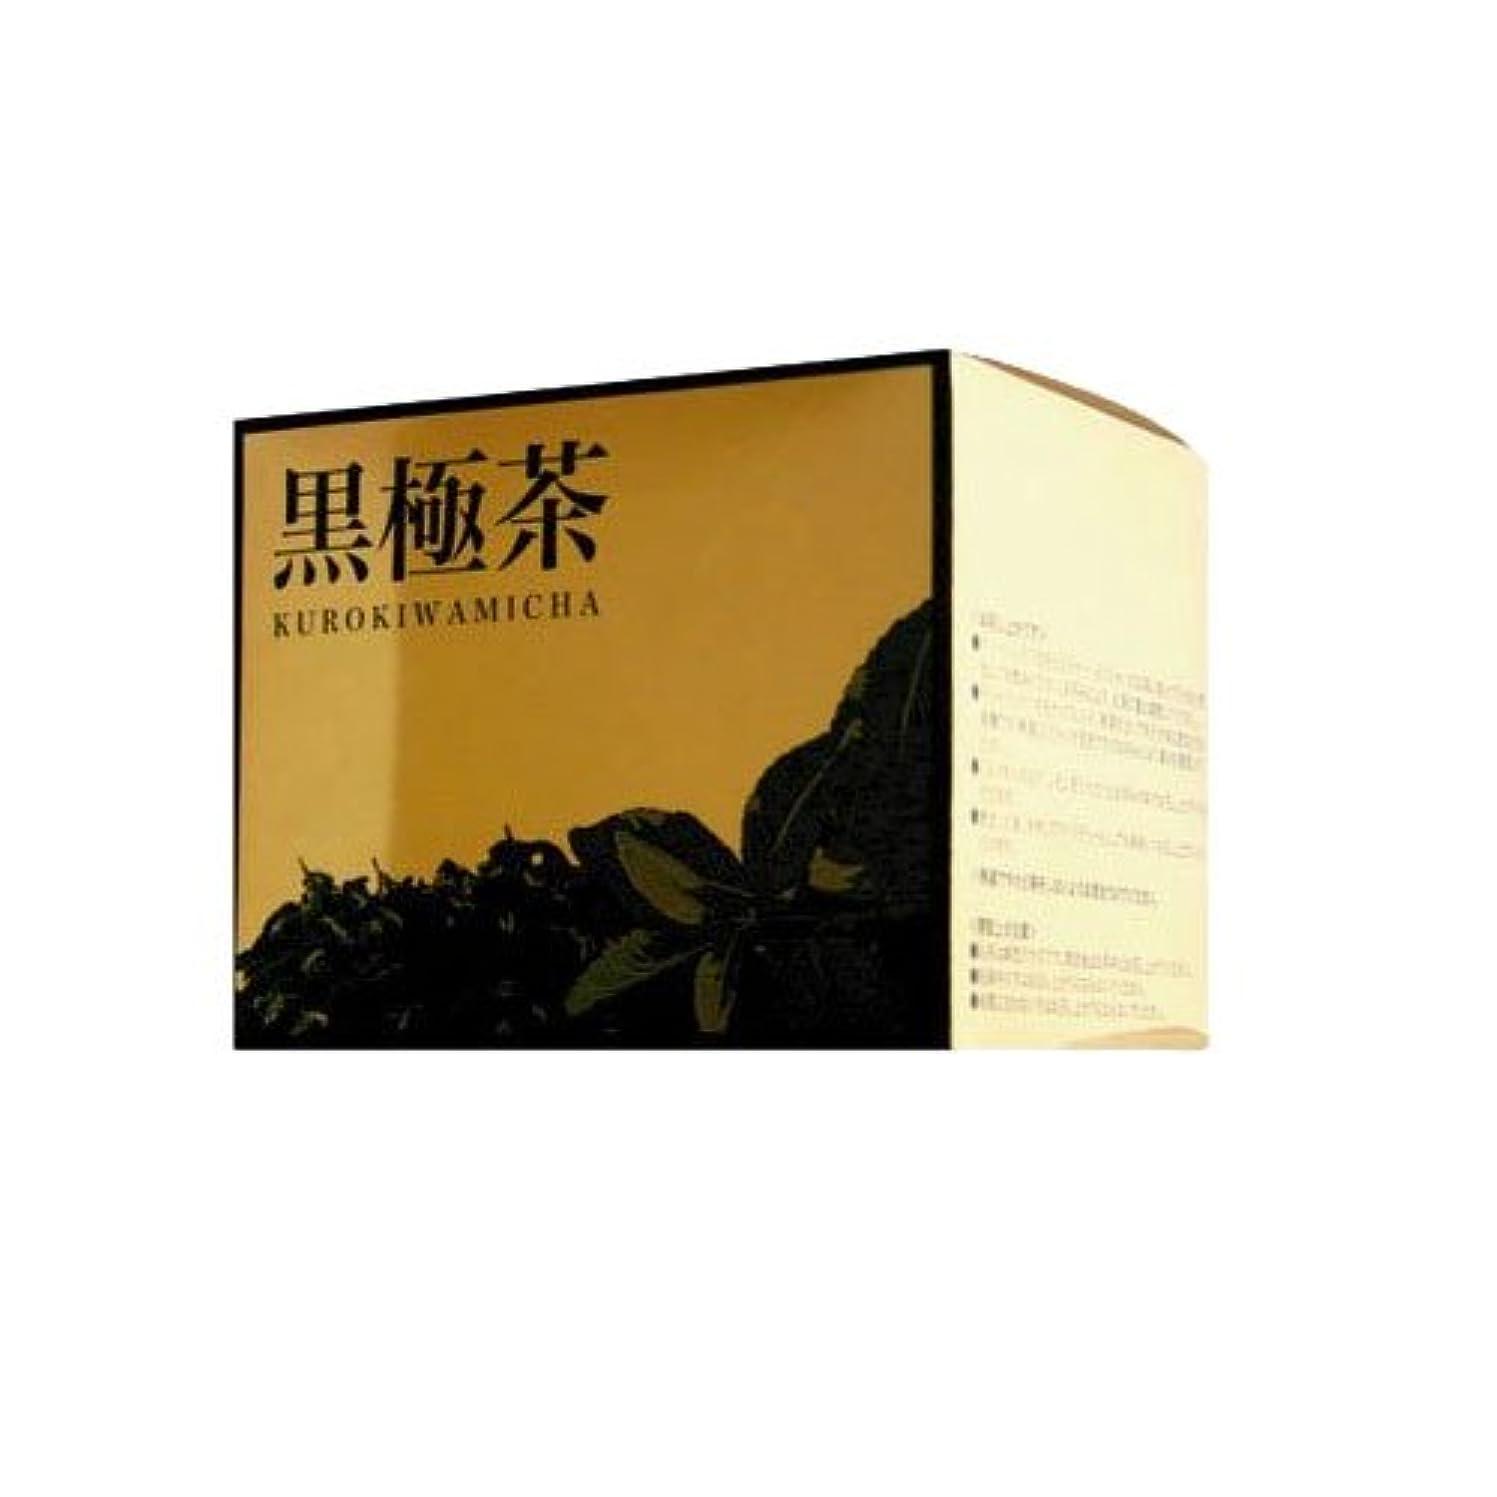 モンゴメリー合金喪黒極茶(ゴールド) 2.5g*30包入